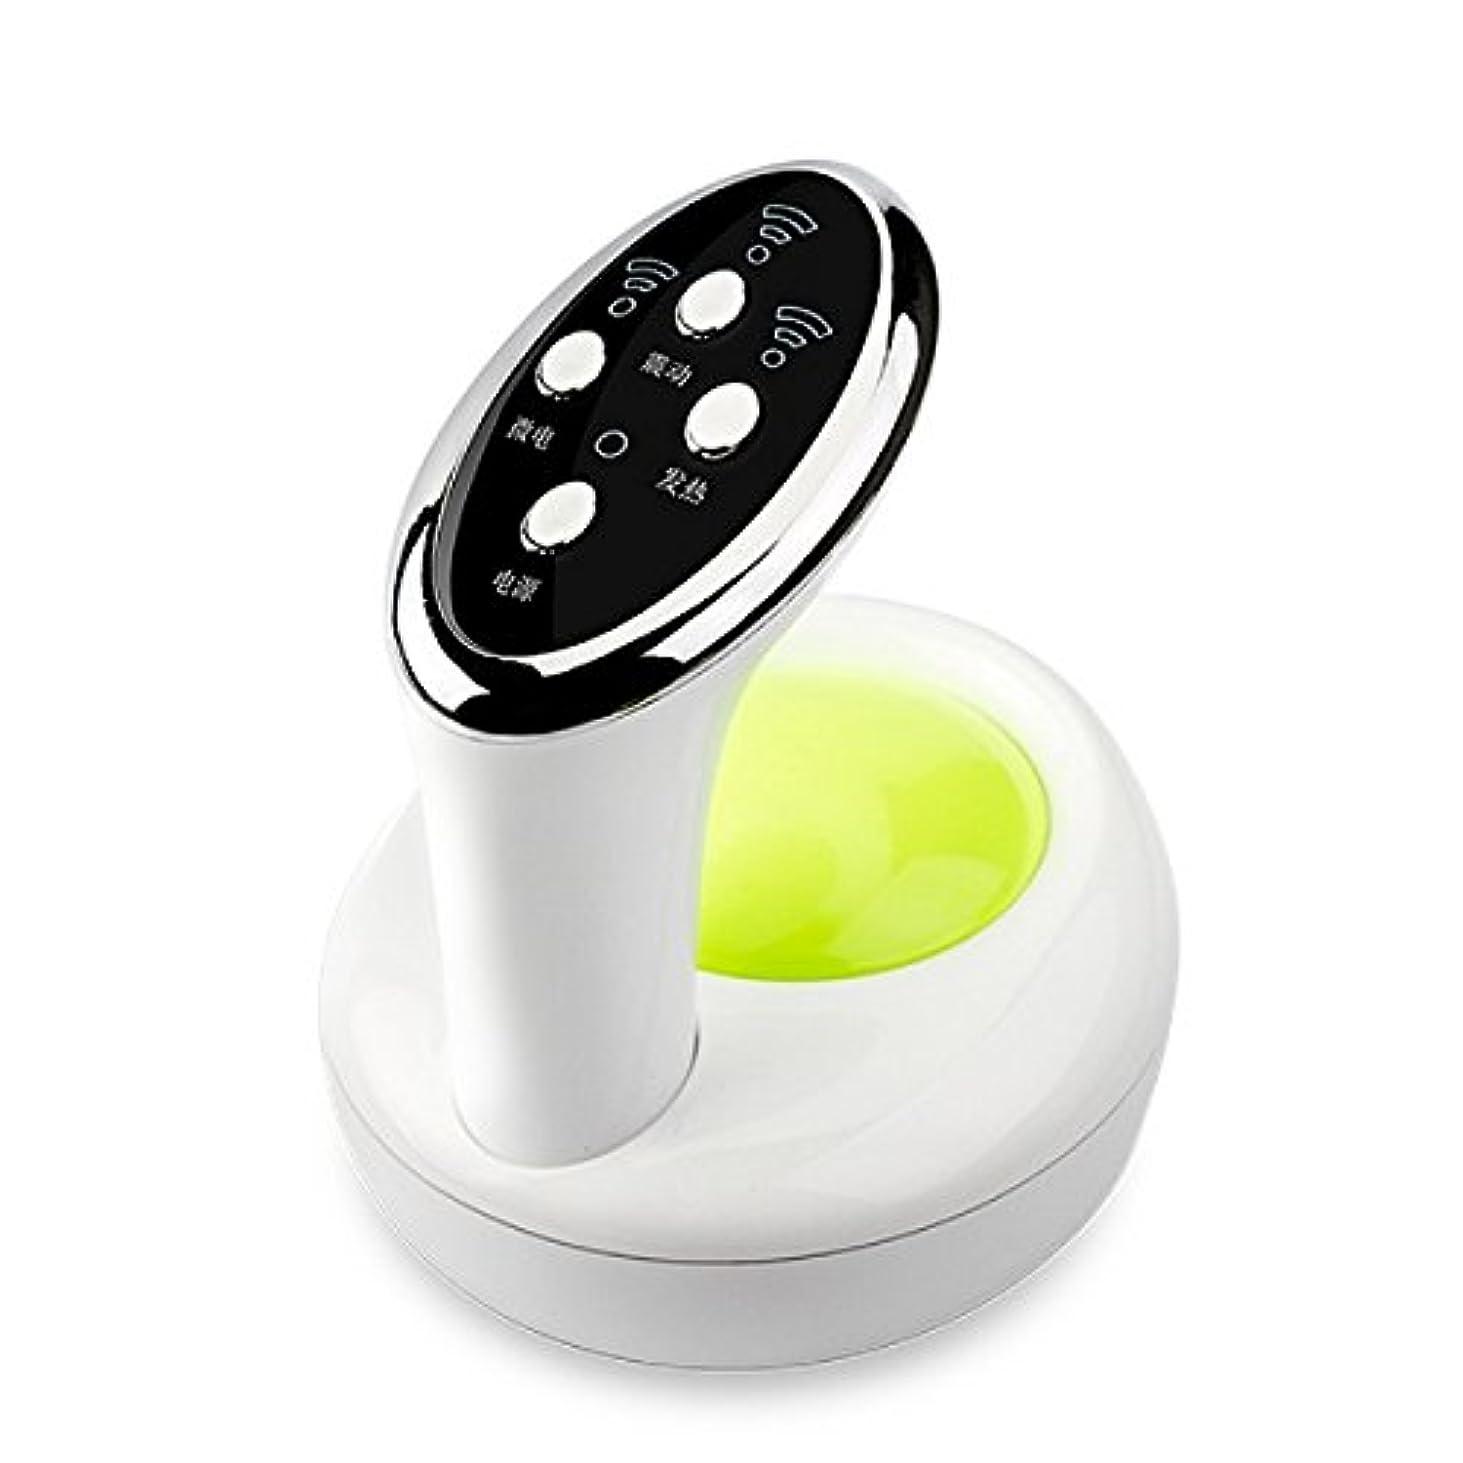 神聖売る合理的ダイエット神器 セルライト ケア ボディ用超音波電動3D美容ヘッド 吸い玉ヘッド 脂肪吸引 ダイエット シェイプアップ シェイプ 自宅 美容神器 正規販売(グリ-ン)